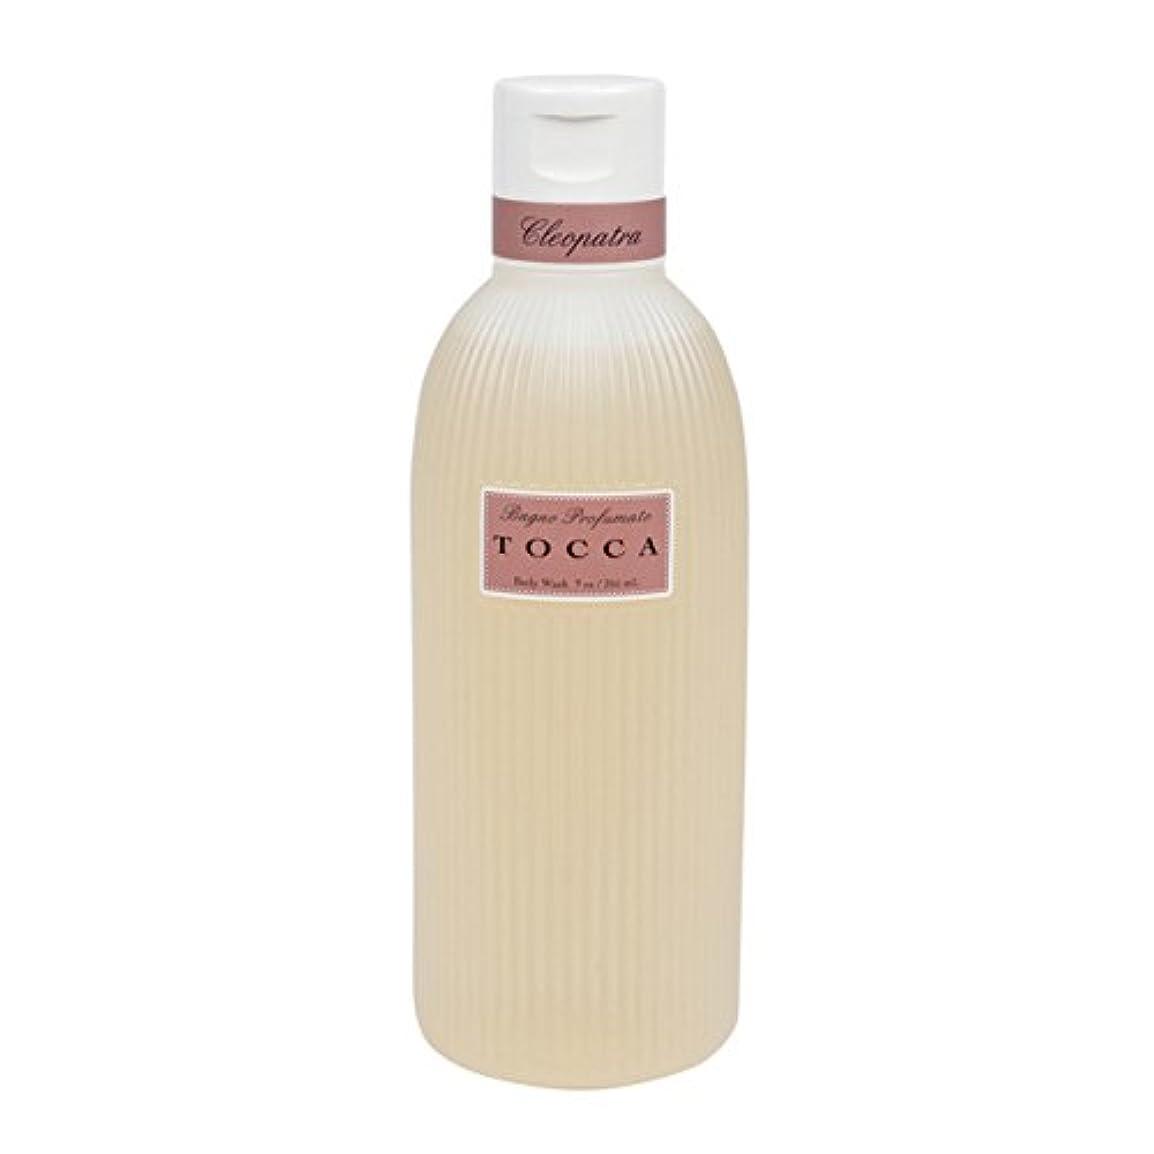 指導するいう間に合わせトッカ(TOCCA) ボディーケアウォッシュ クレオパトラの香り 266ml(全身用洗浄料 ボディーソープ グレープフルーツとキューカンバーのフレッシュでクリーンな香り)